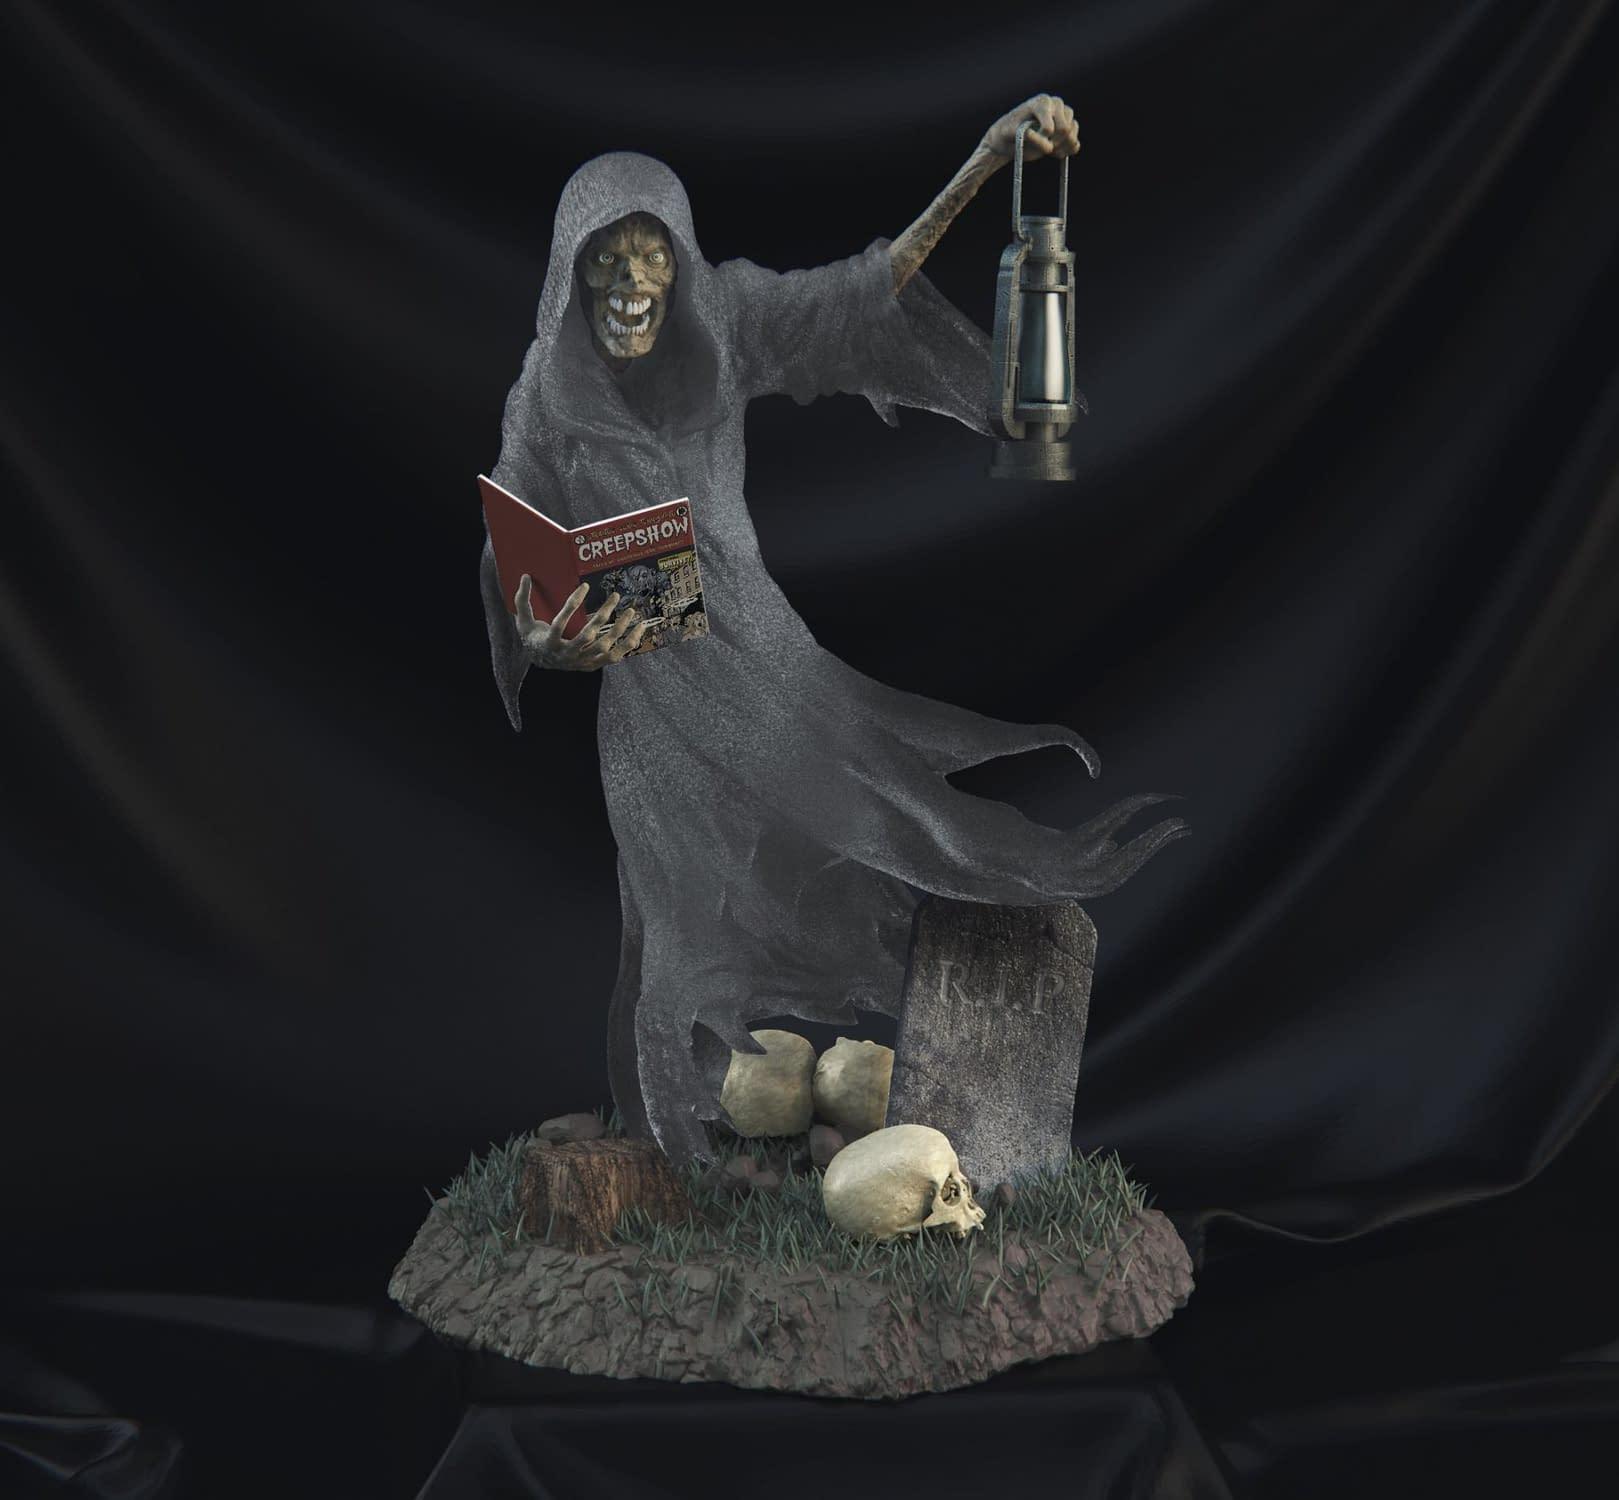 Incendium-Creepshow-Statue-001